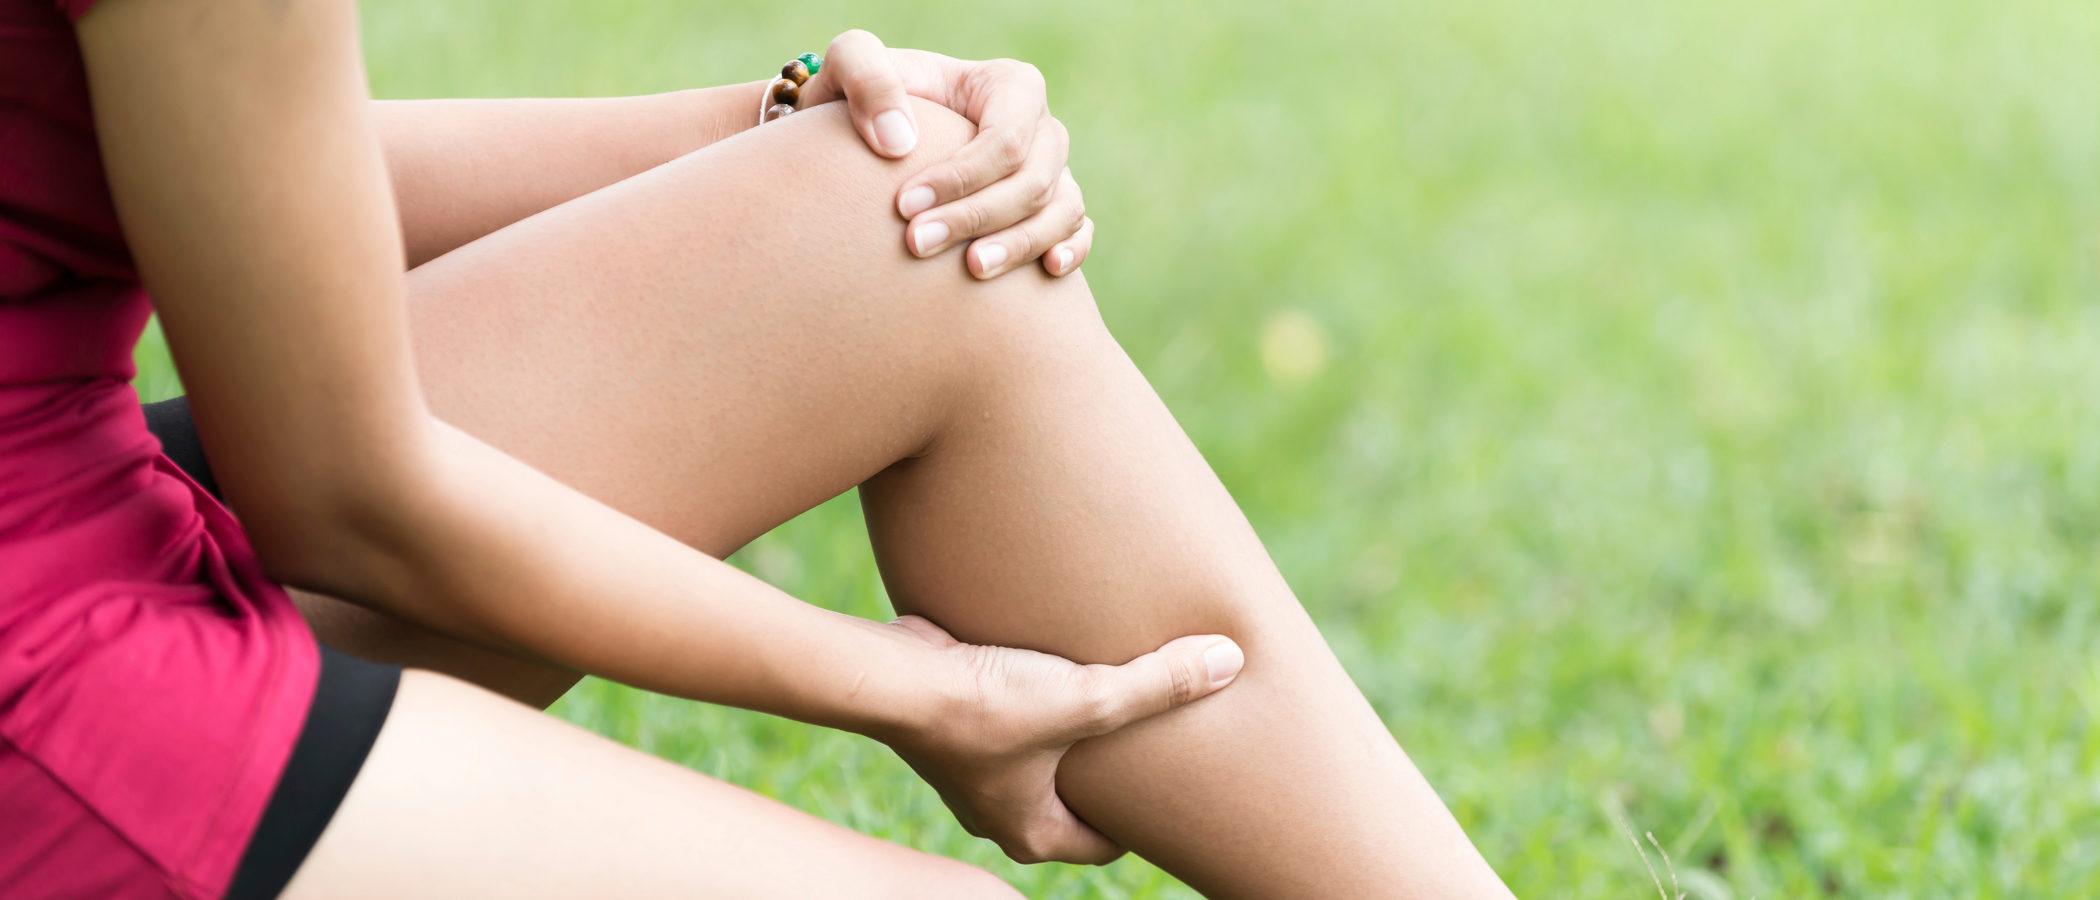 Cómo aliviar las piernas cansadas durante el embarazo